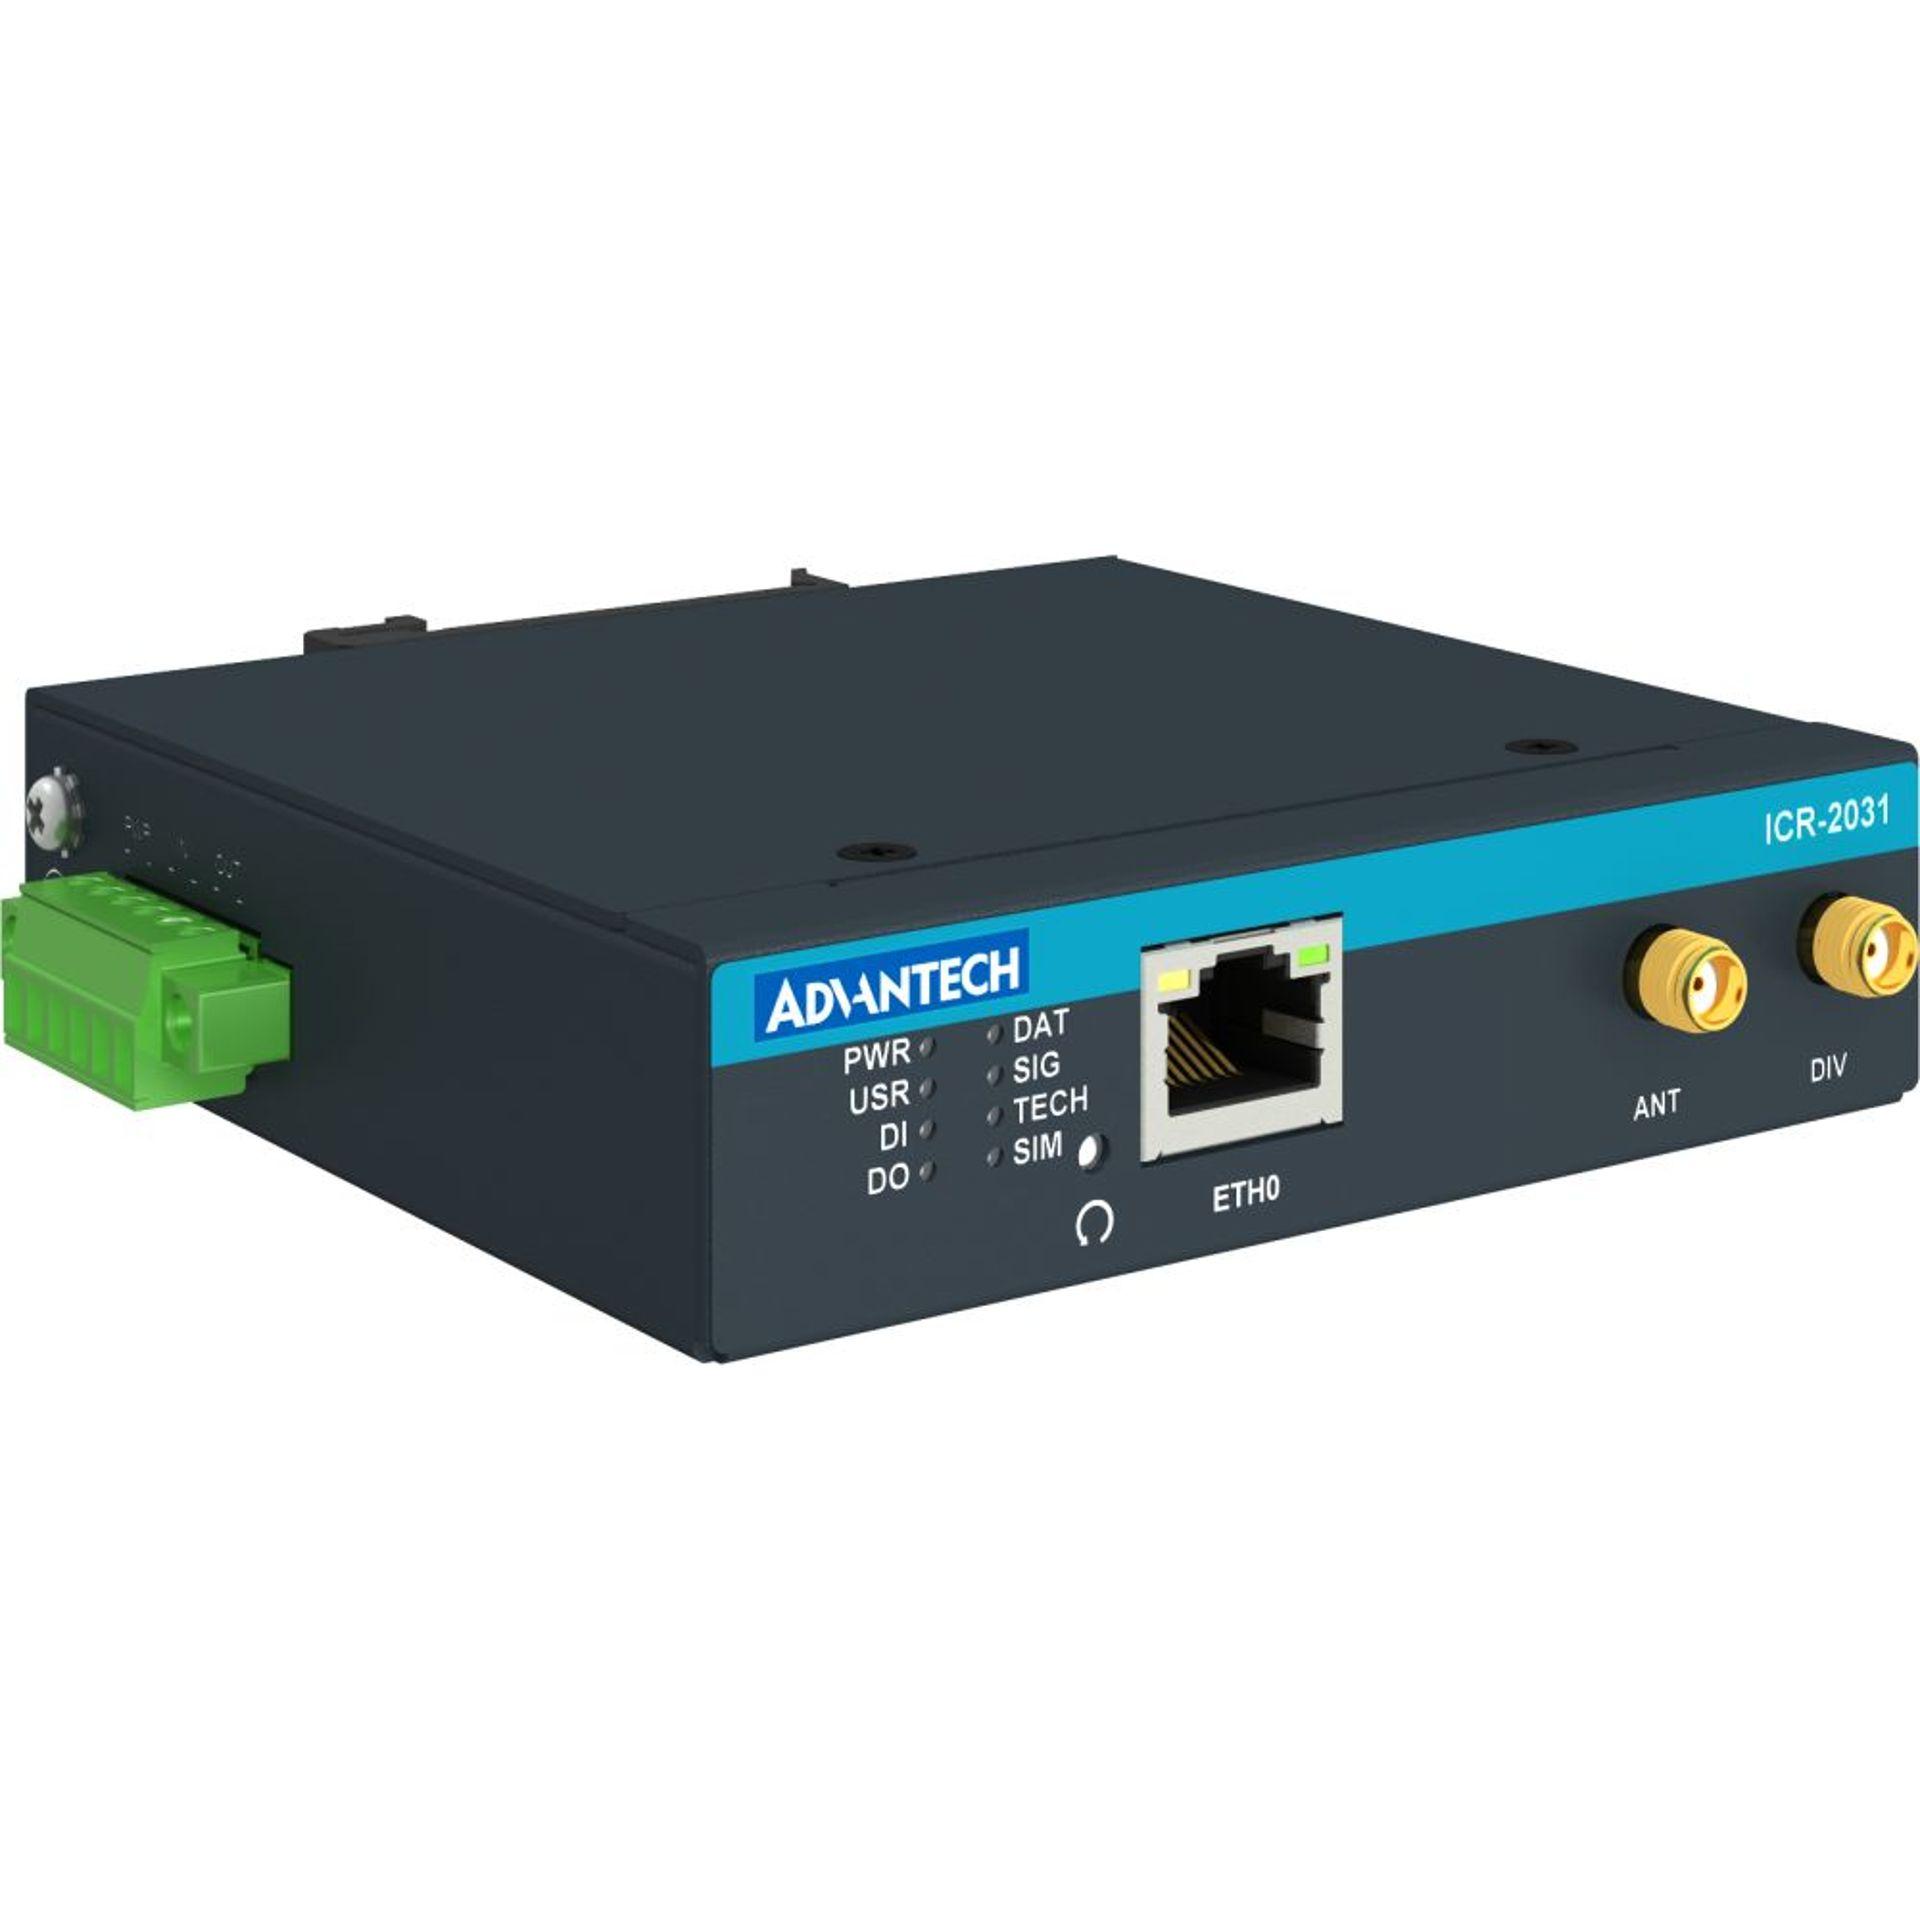 Advantech ICR-2031 4G instap router 1x SIM, 1x Ethernet | 4G routers/gateways | Product | MCS